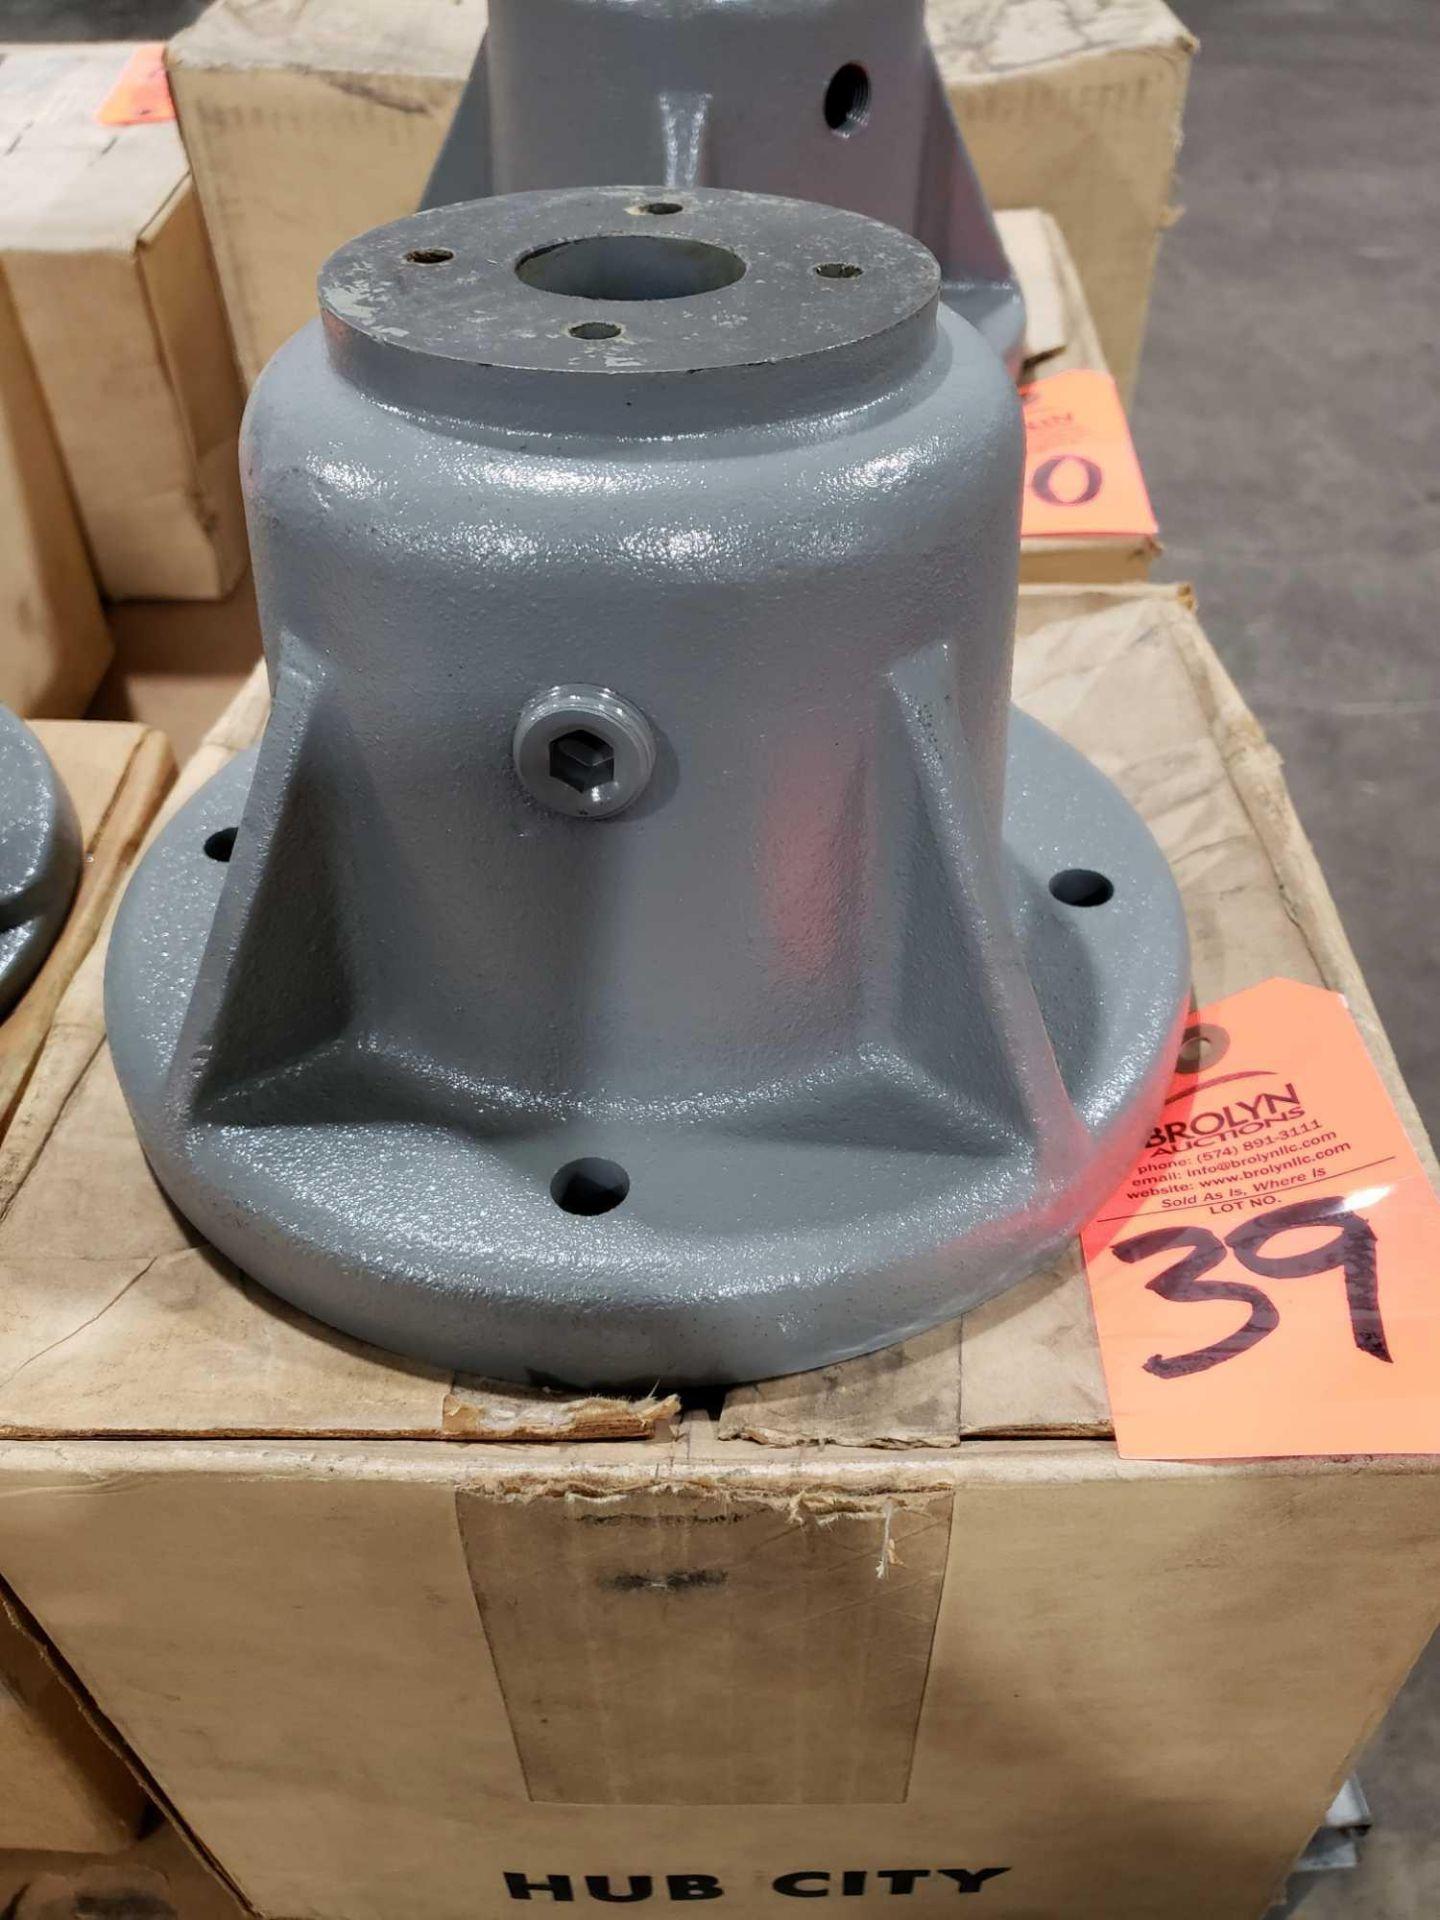 Lot 39 - Hub City model 0229-01776-260 kit. New in box.